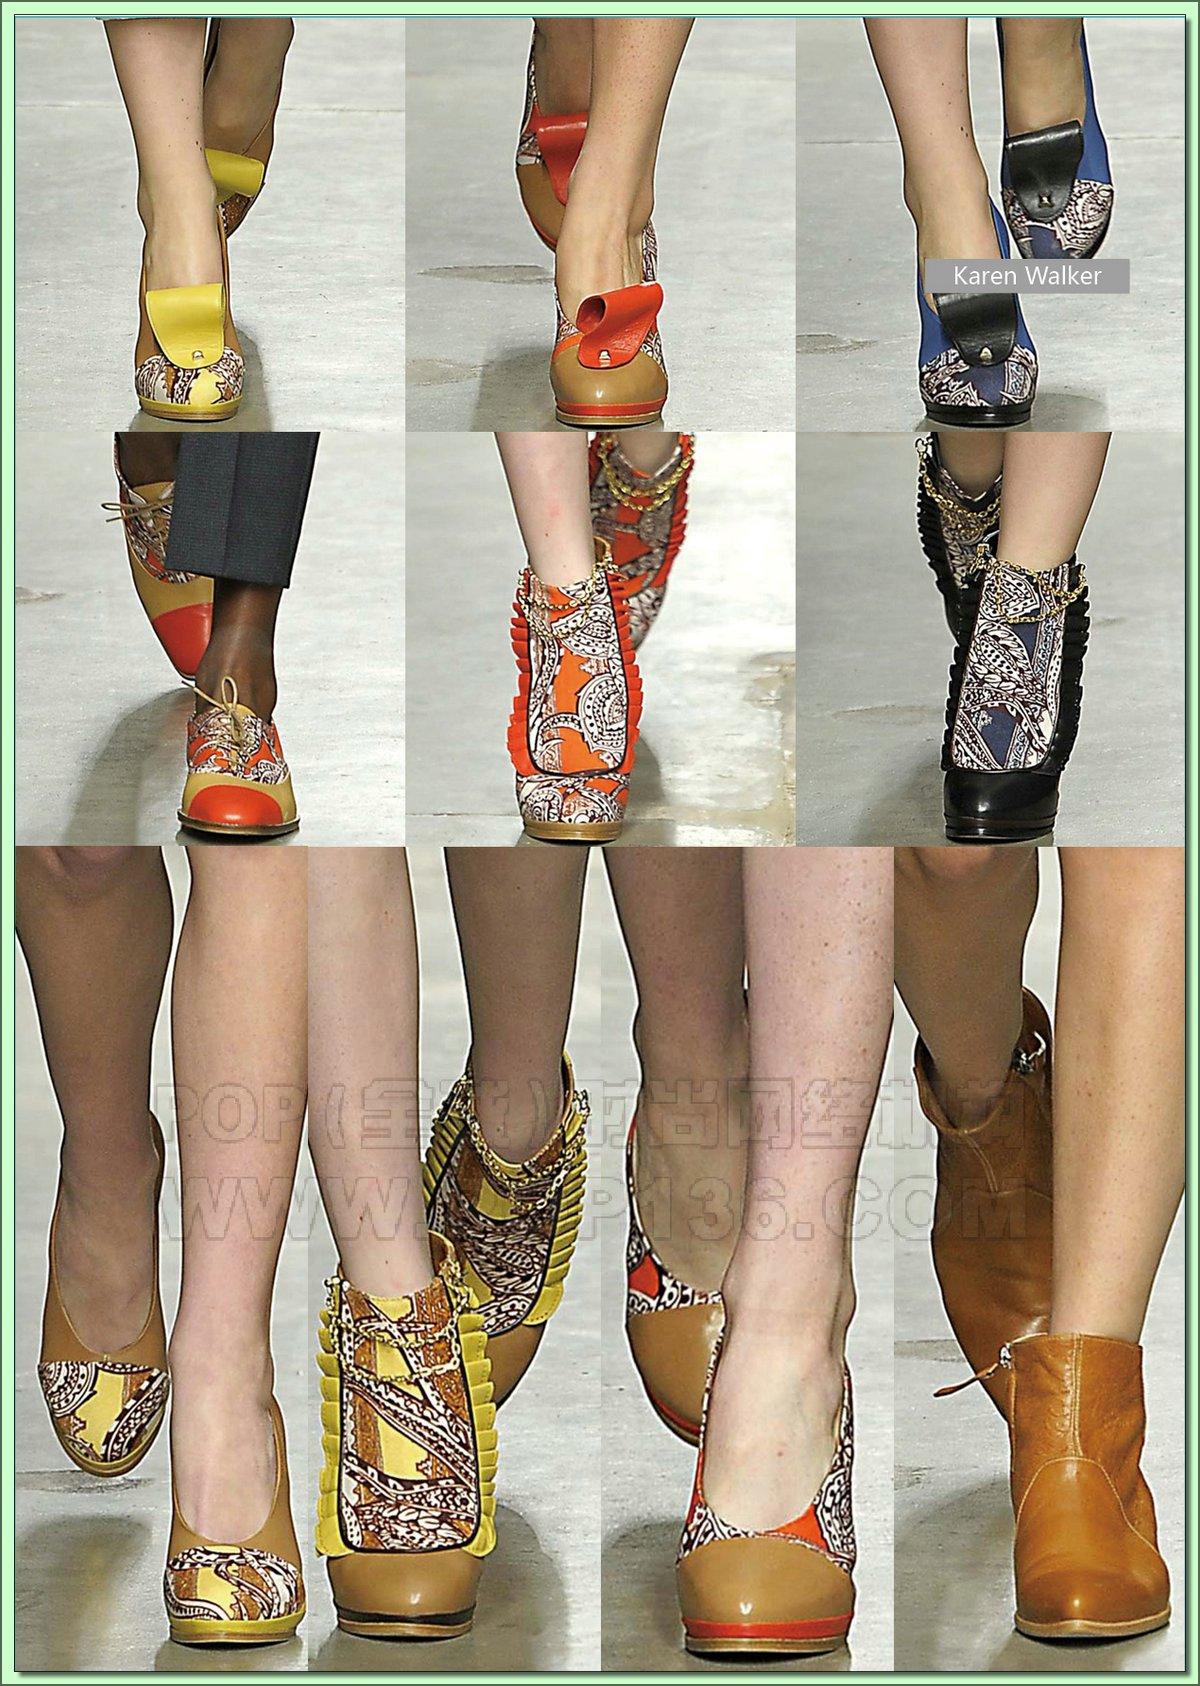 时装女鞋店铺装修,2013时装女鞋,比爱靓点时装女鞋,大码时装